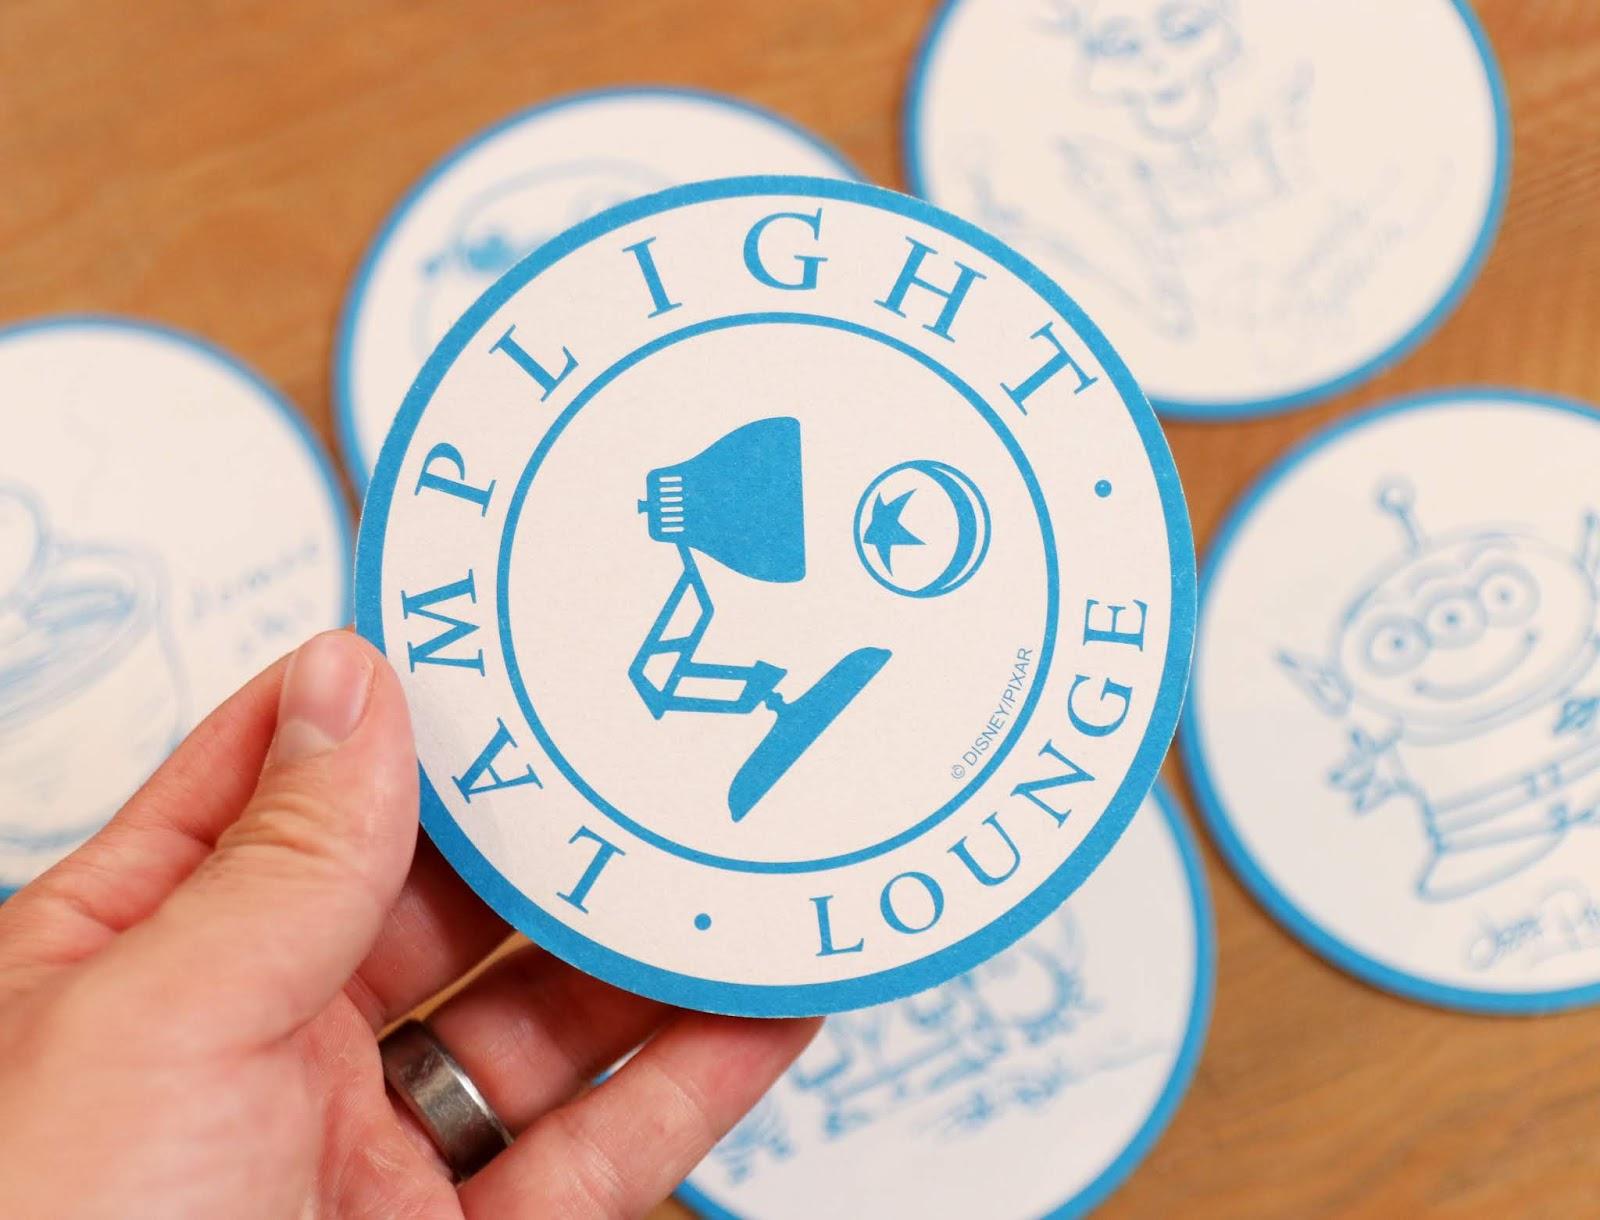 Pixar Pier Lamplight Lounge Coasters